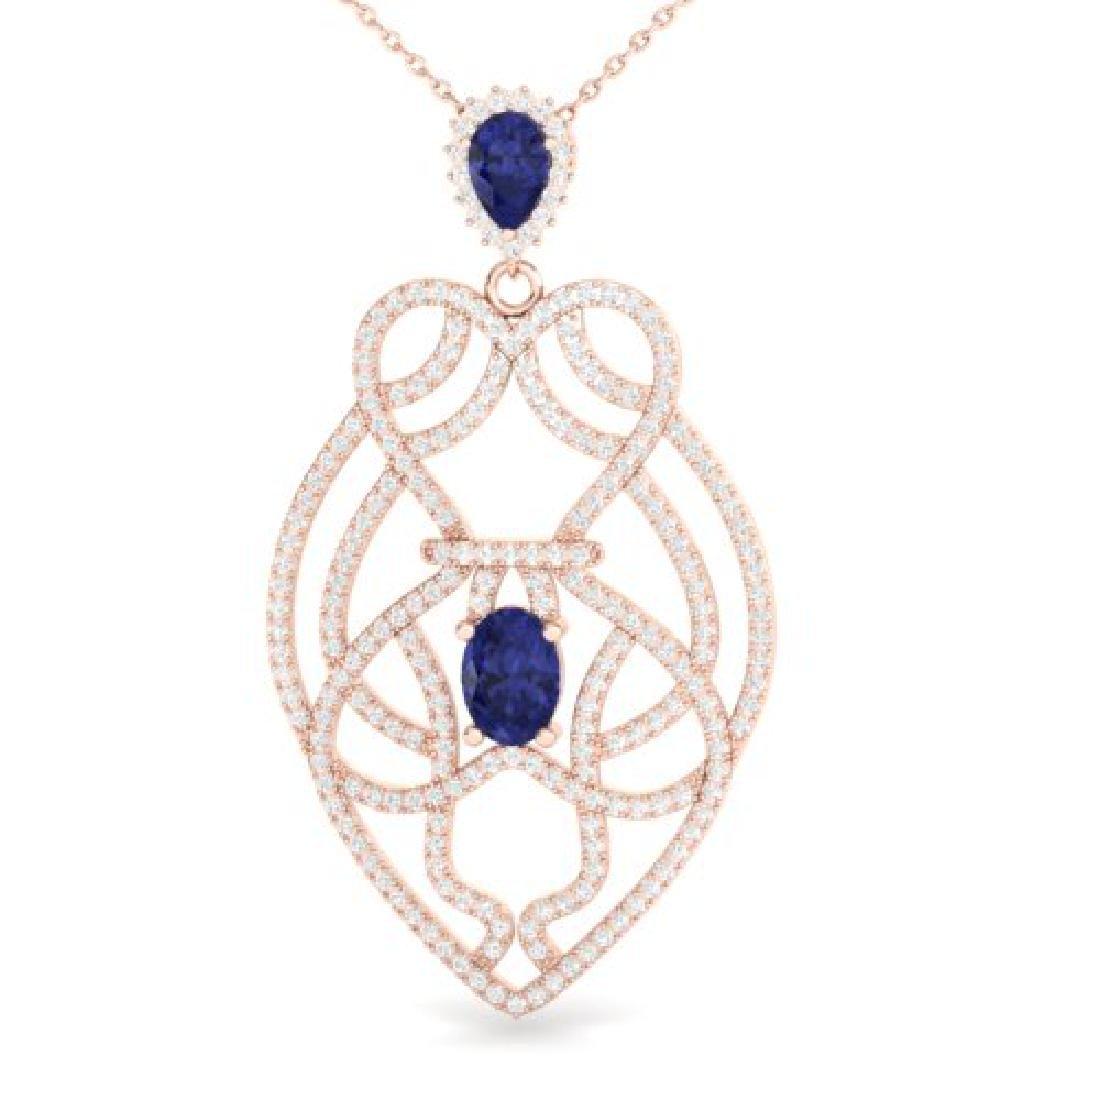 3.50 CTW Tanzanite & Micro VS/SI Diamond Heart Necklace